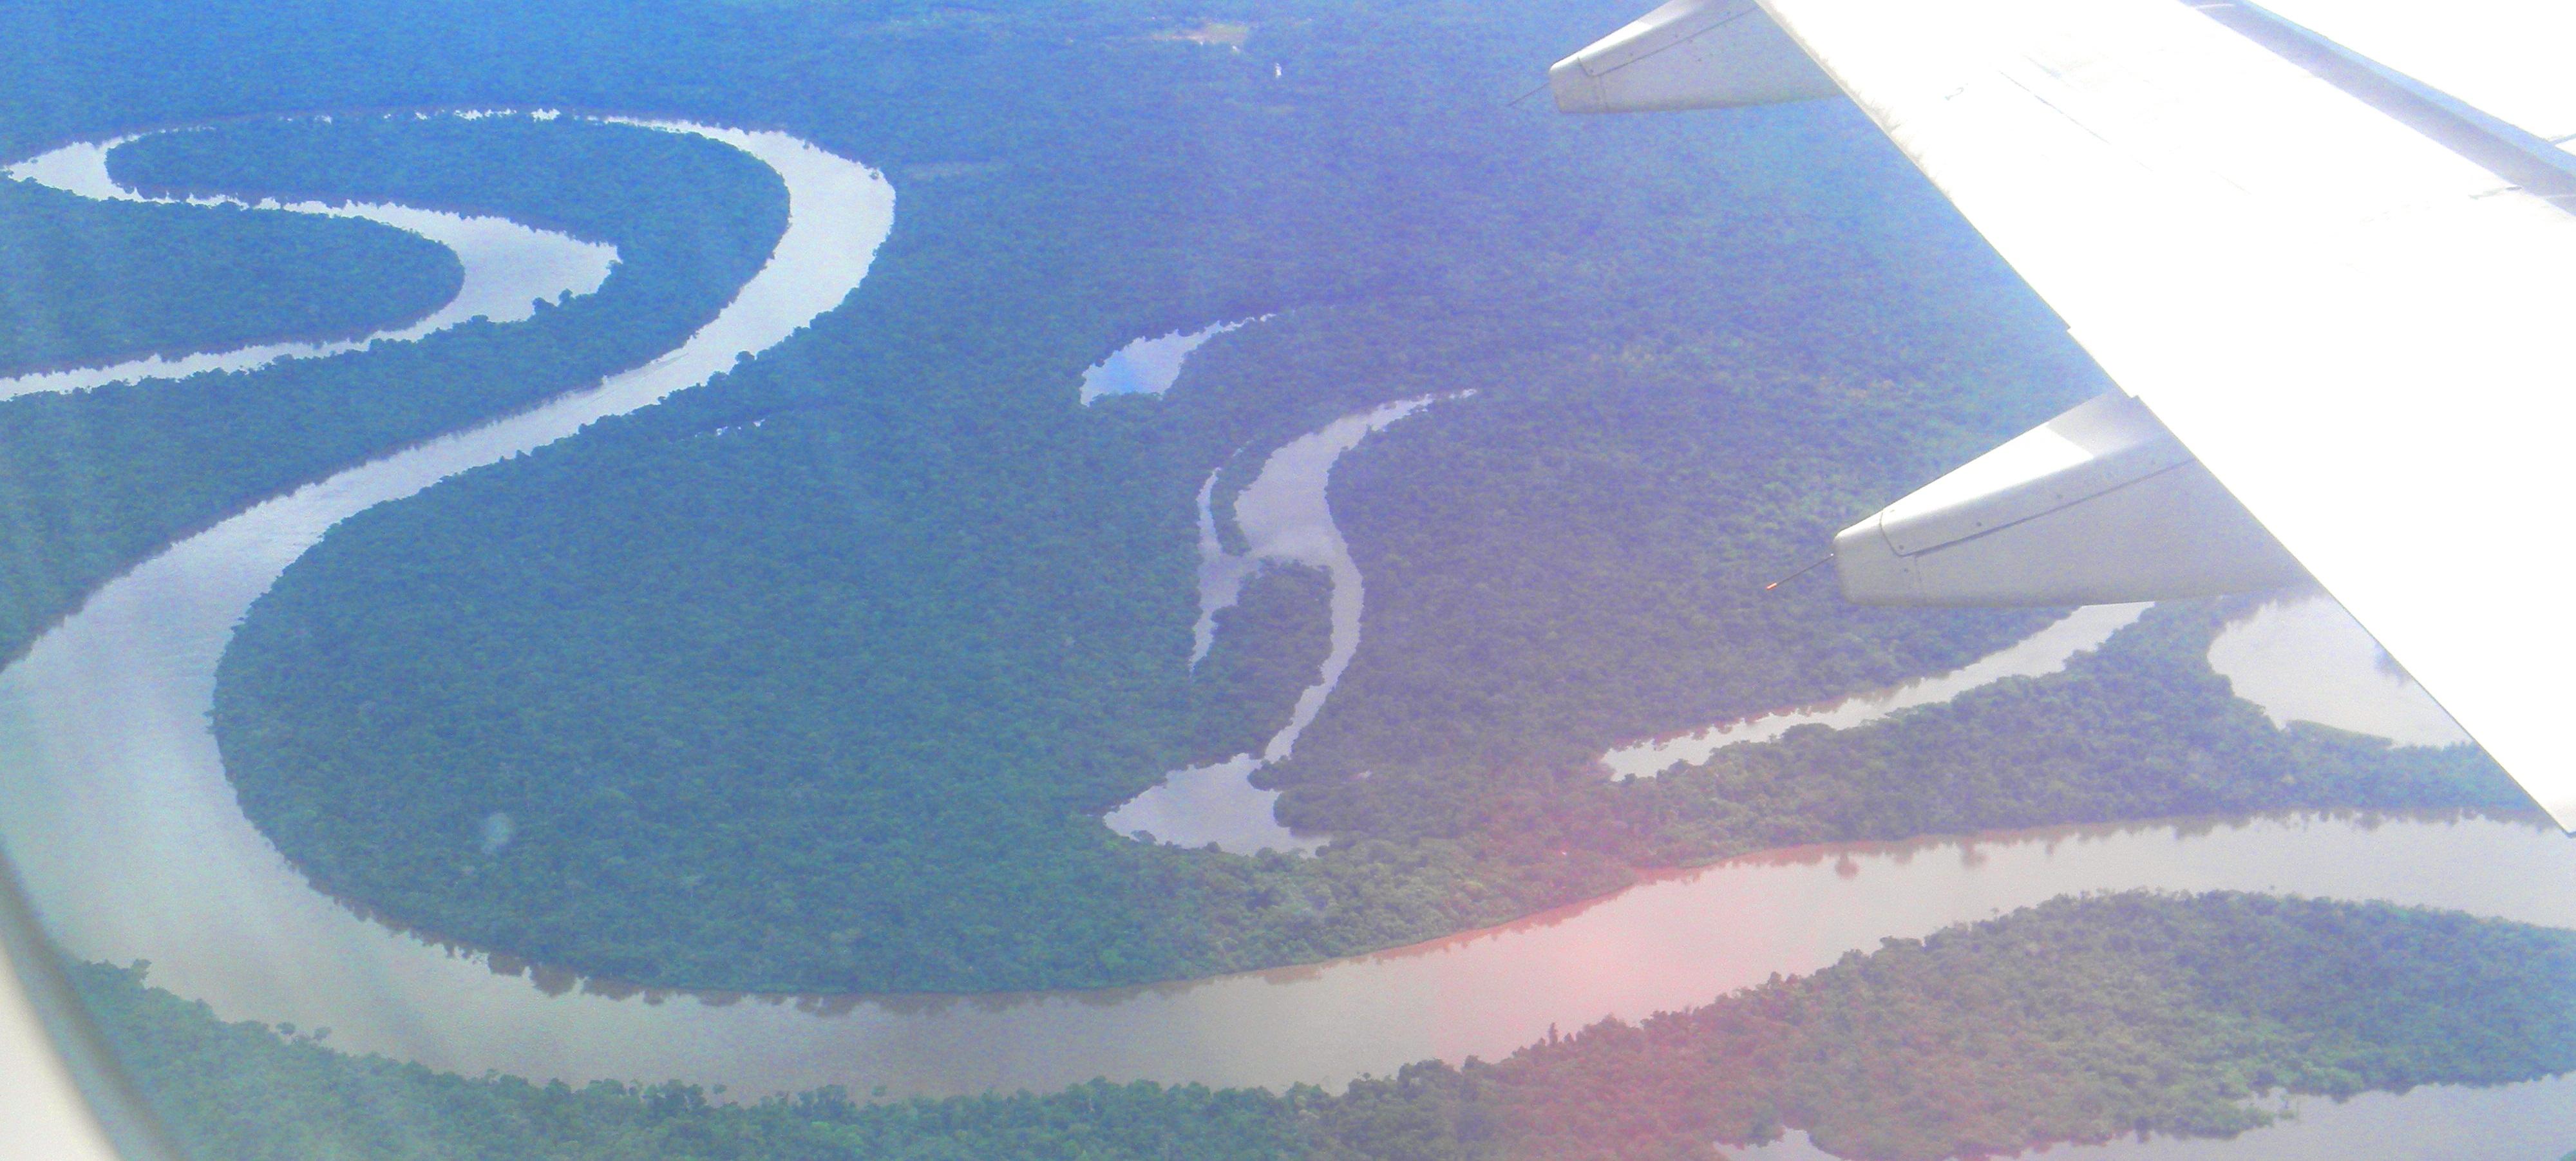 AmazoniaPeru2012 041